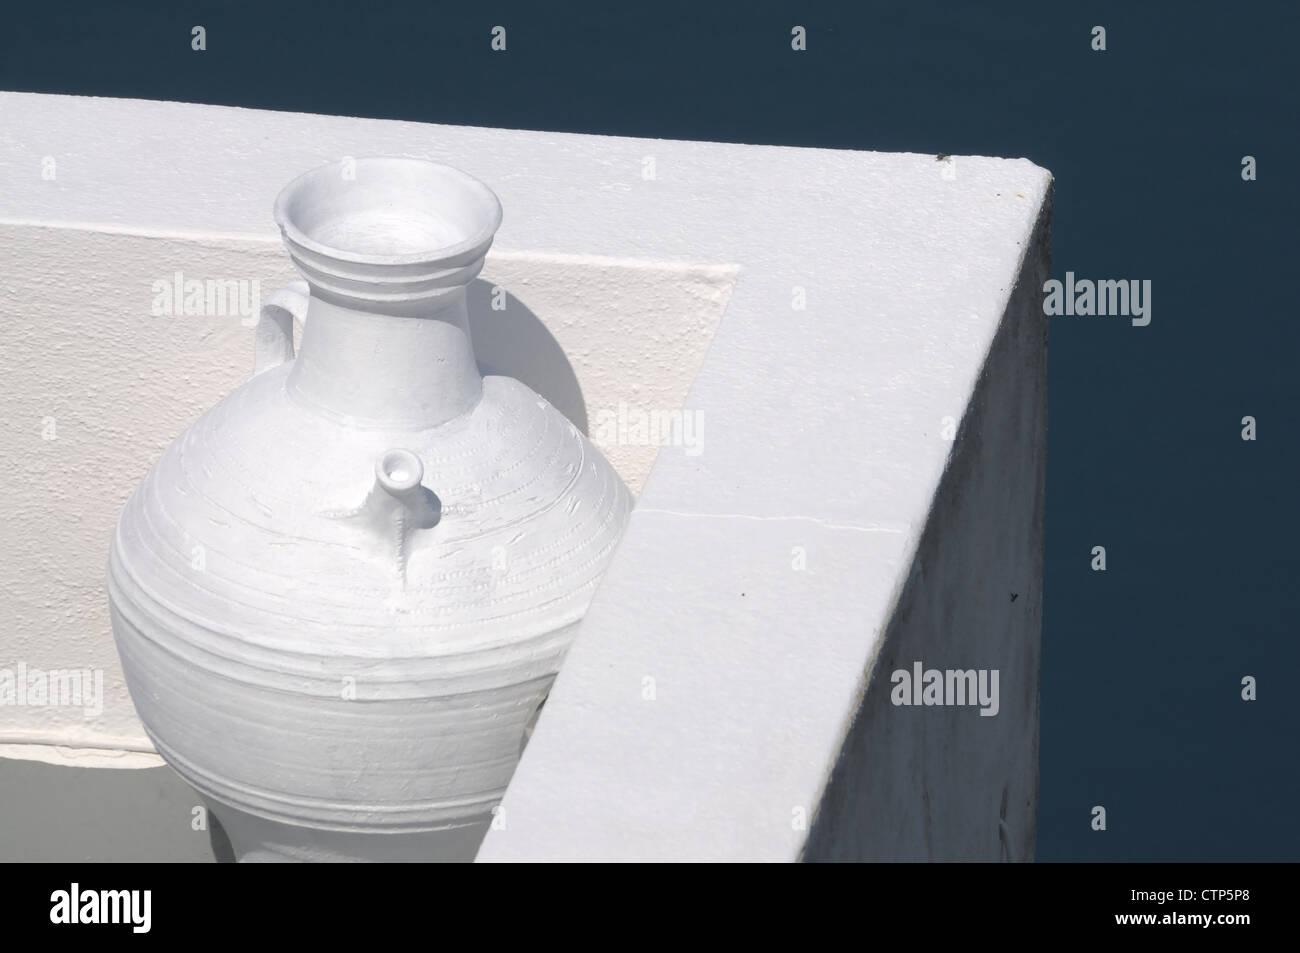 Darstellung Einer Vase eine Einer Mauer Auf Einem Balkon Eines Santoriner Hotels. Stockbild